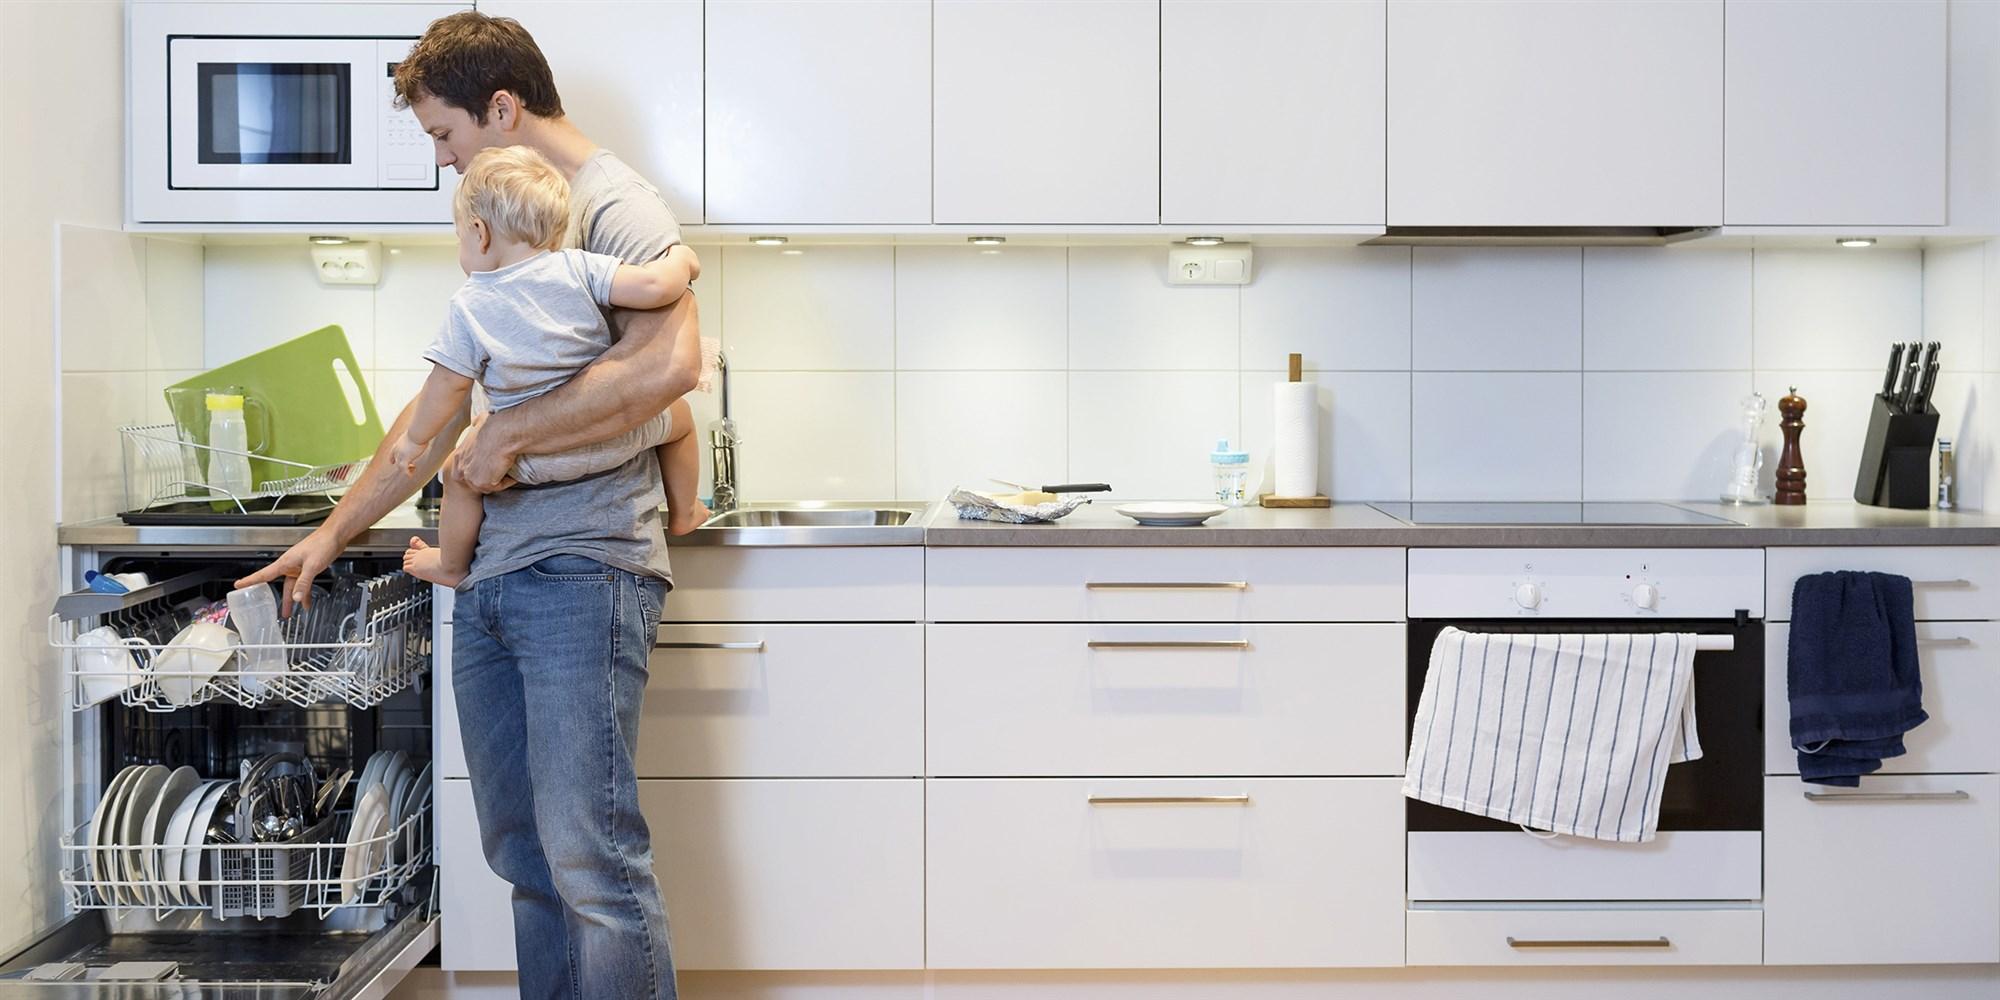 À quelle fréquence devez-vous nettoyer votre lave-vaisselle et comment le faire?